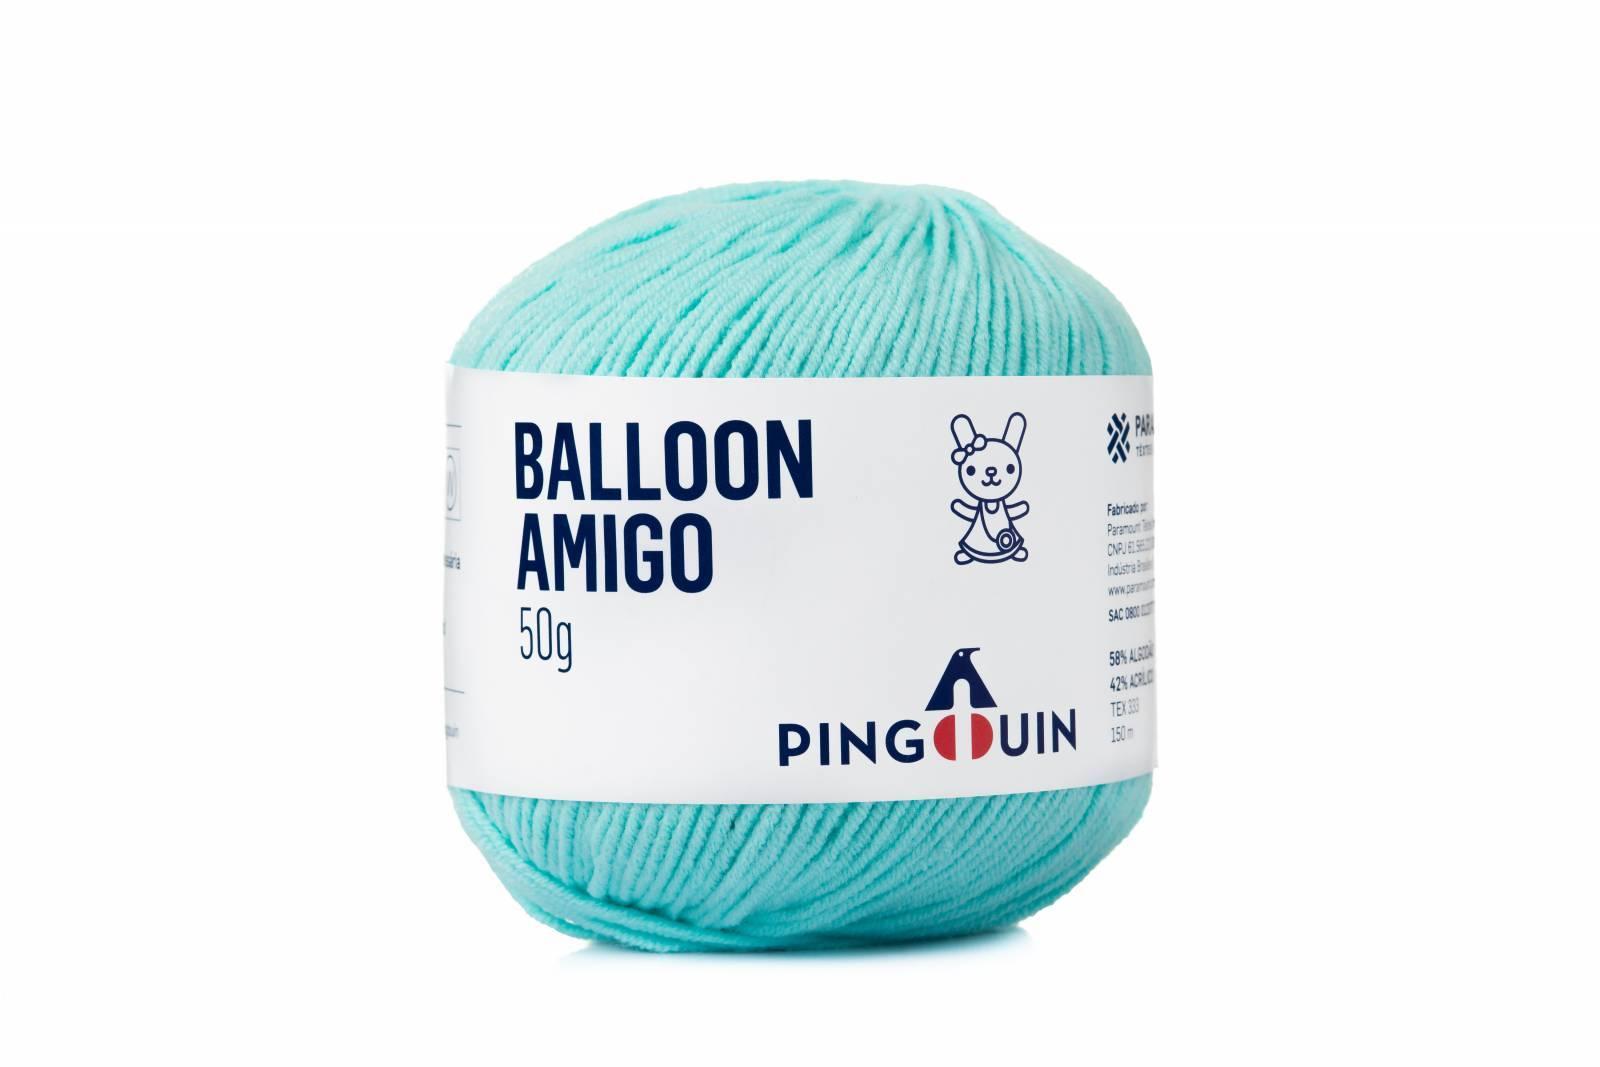 Balloon amigo 8590 Arpoador - BAÚ DA VOVÓ